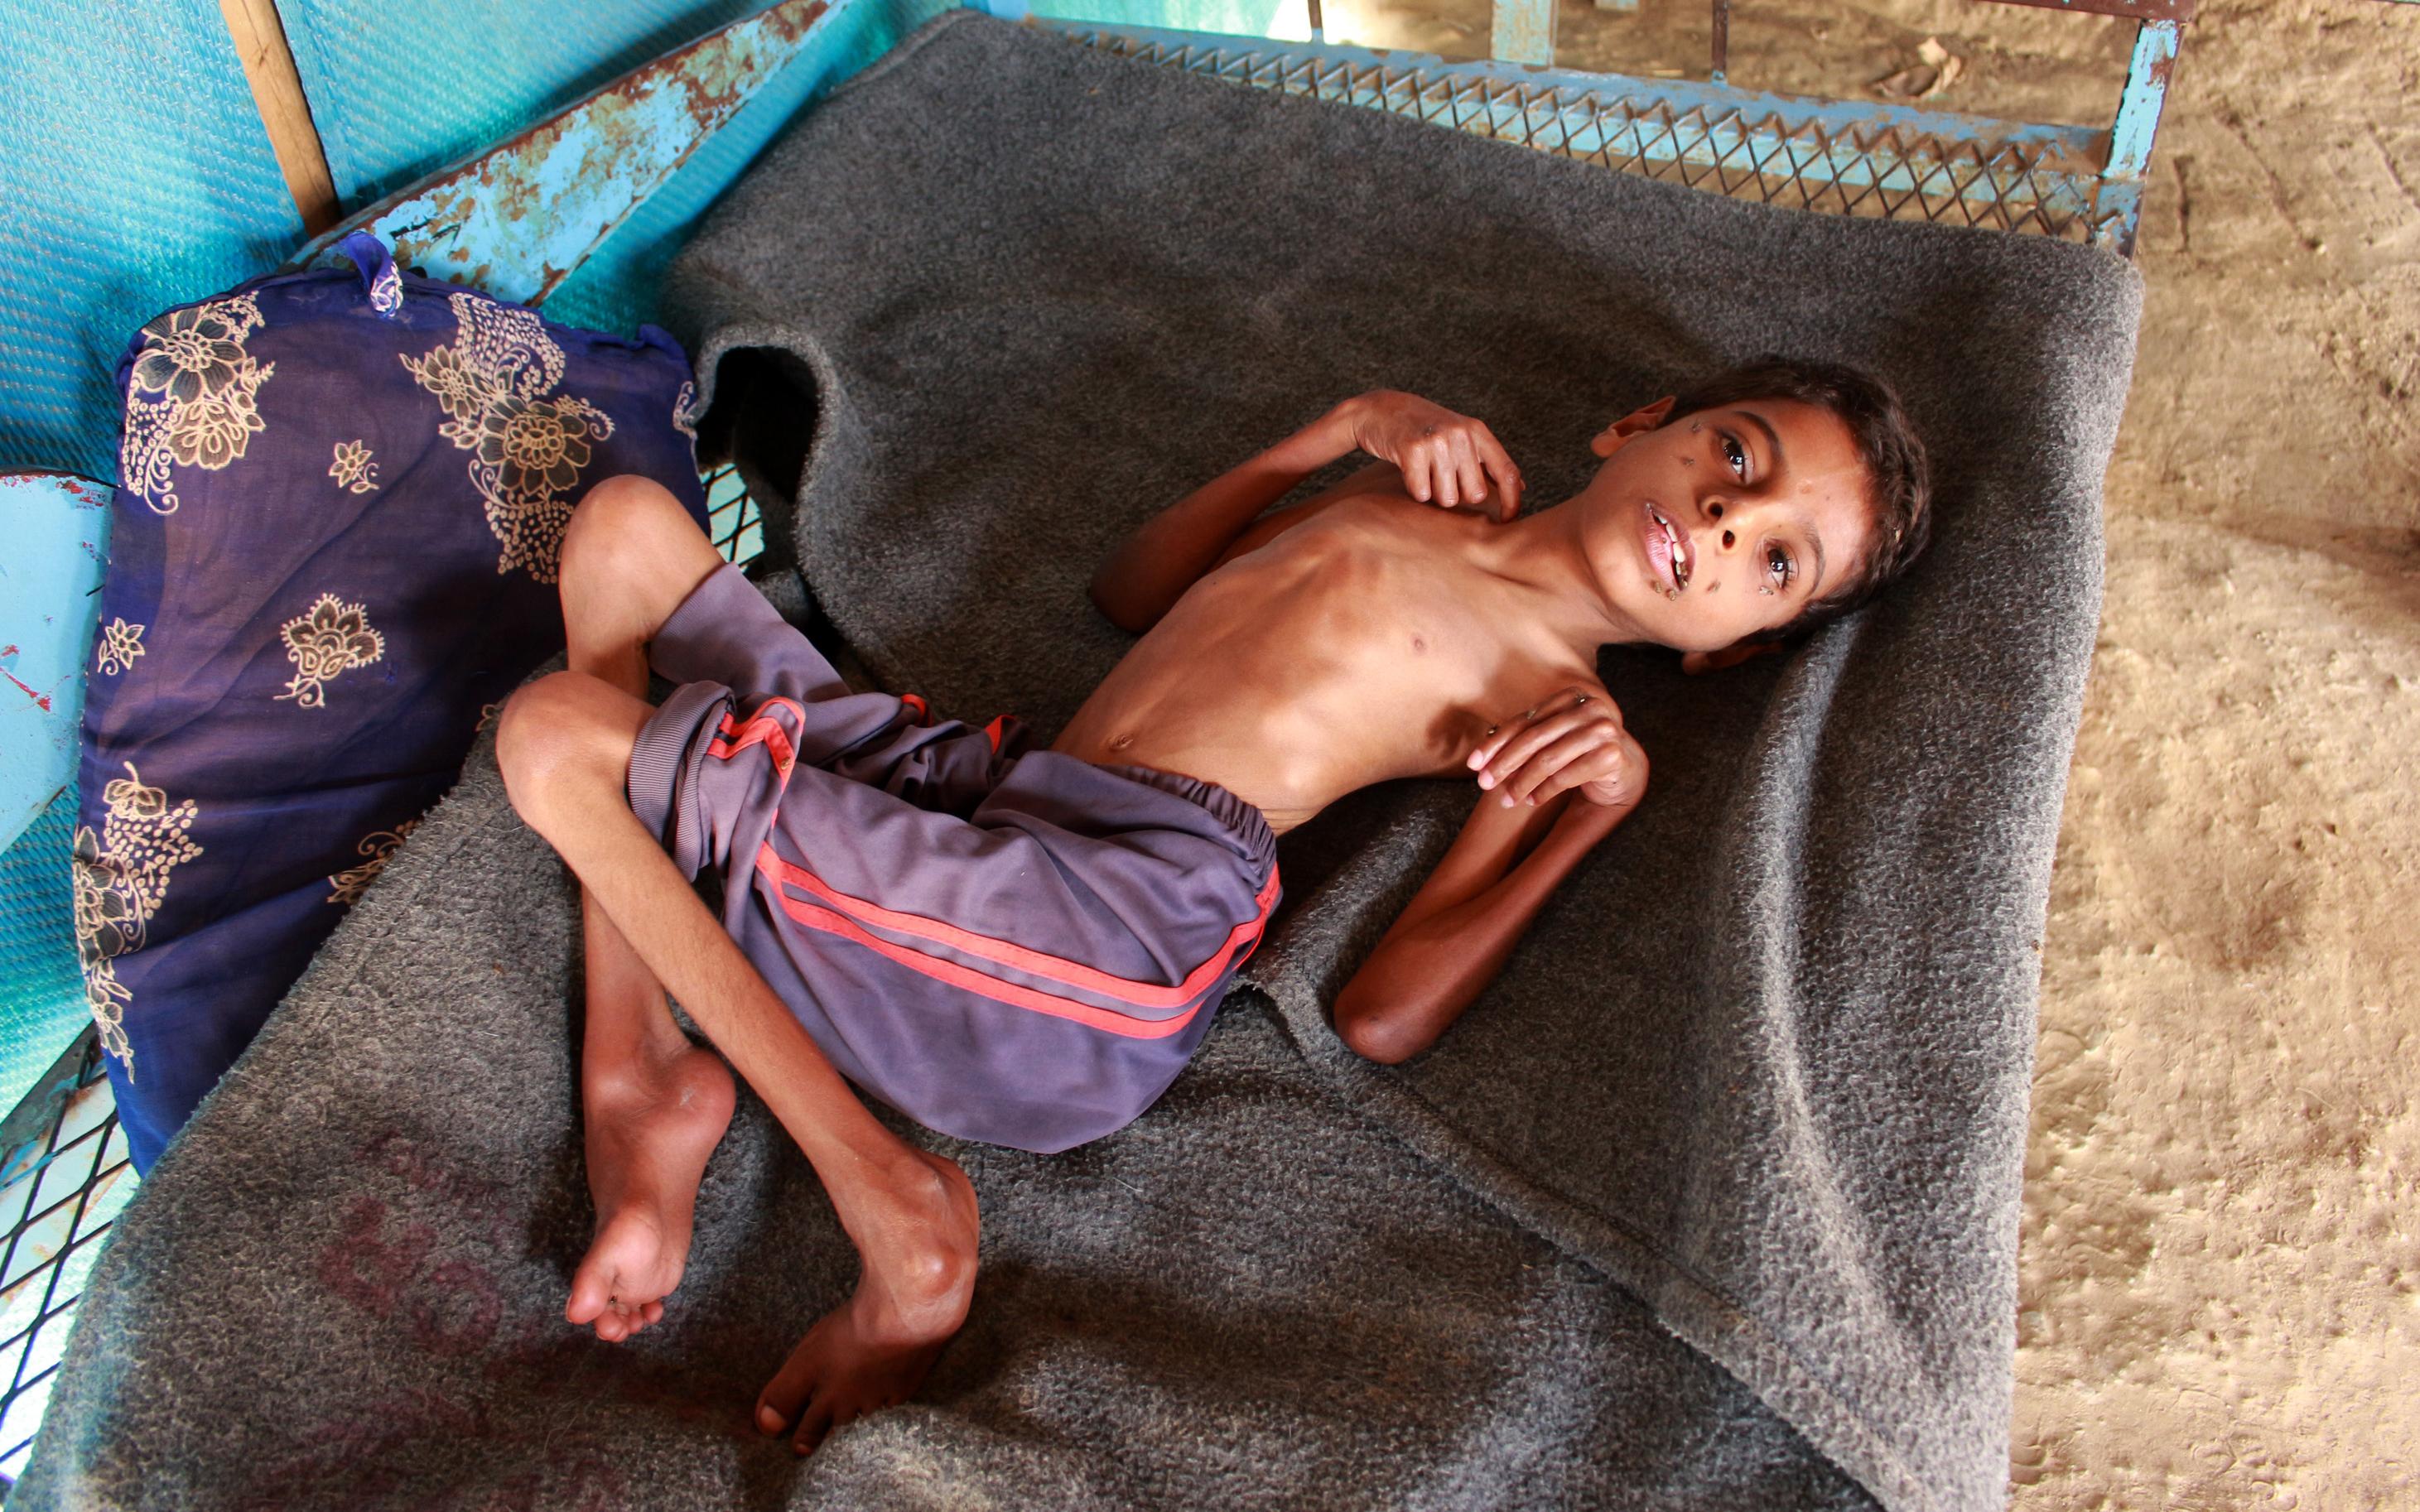 أجساد الأطفال اليمنيون هزيلة بسبب سوء التغذية